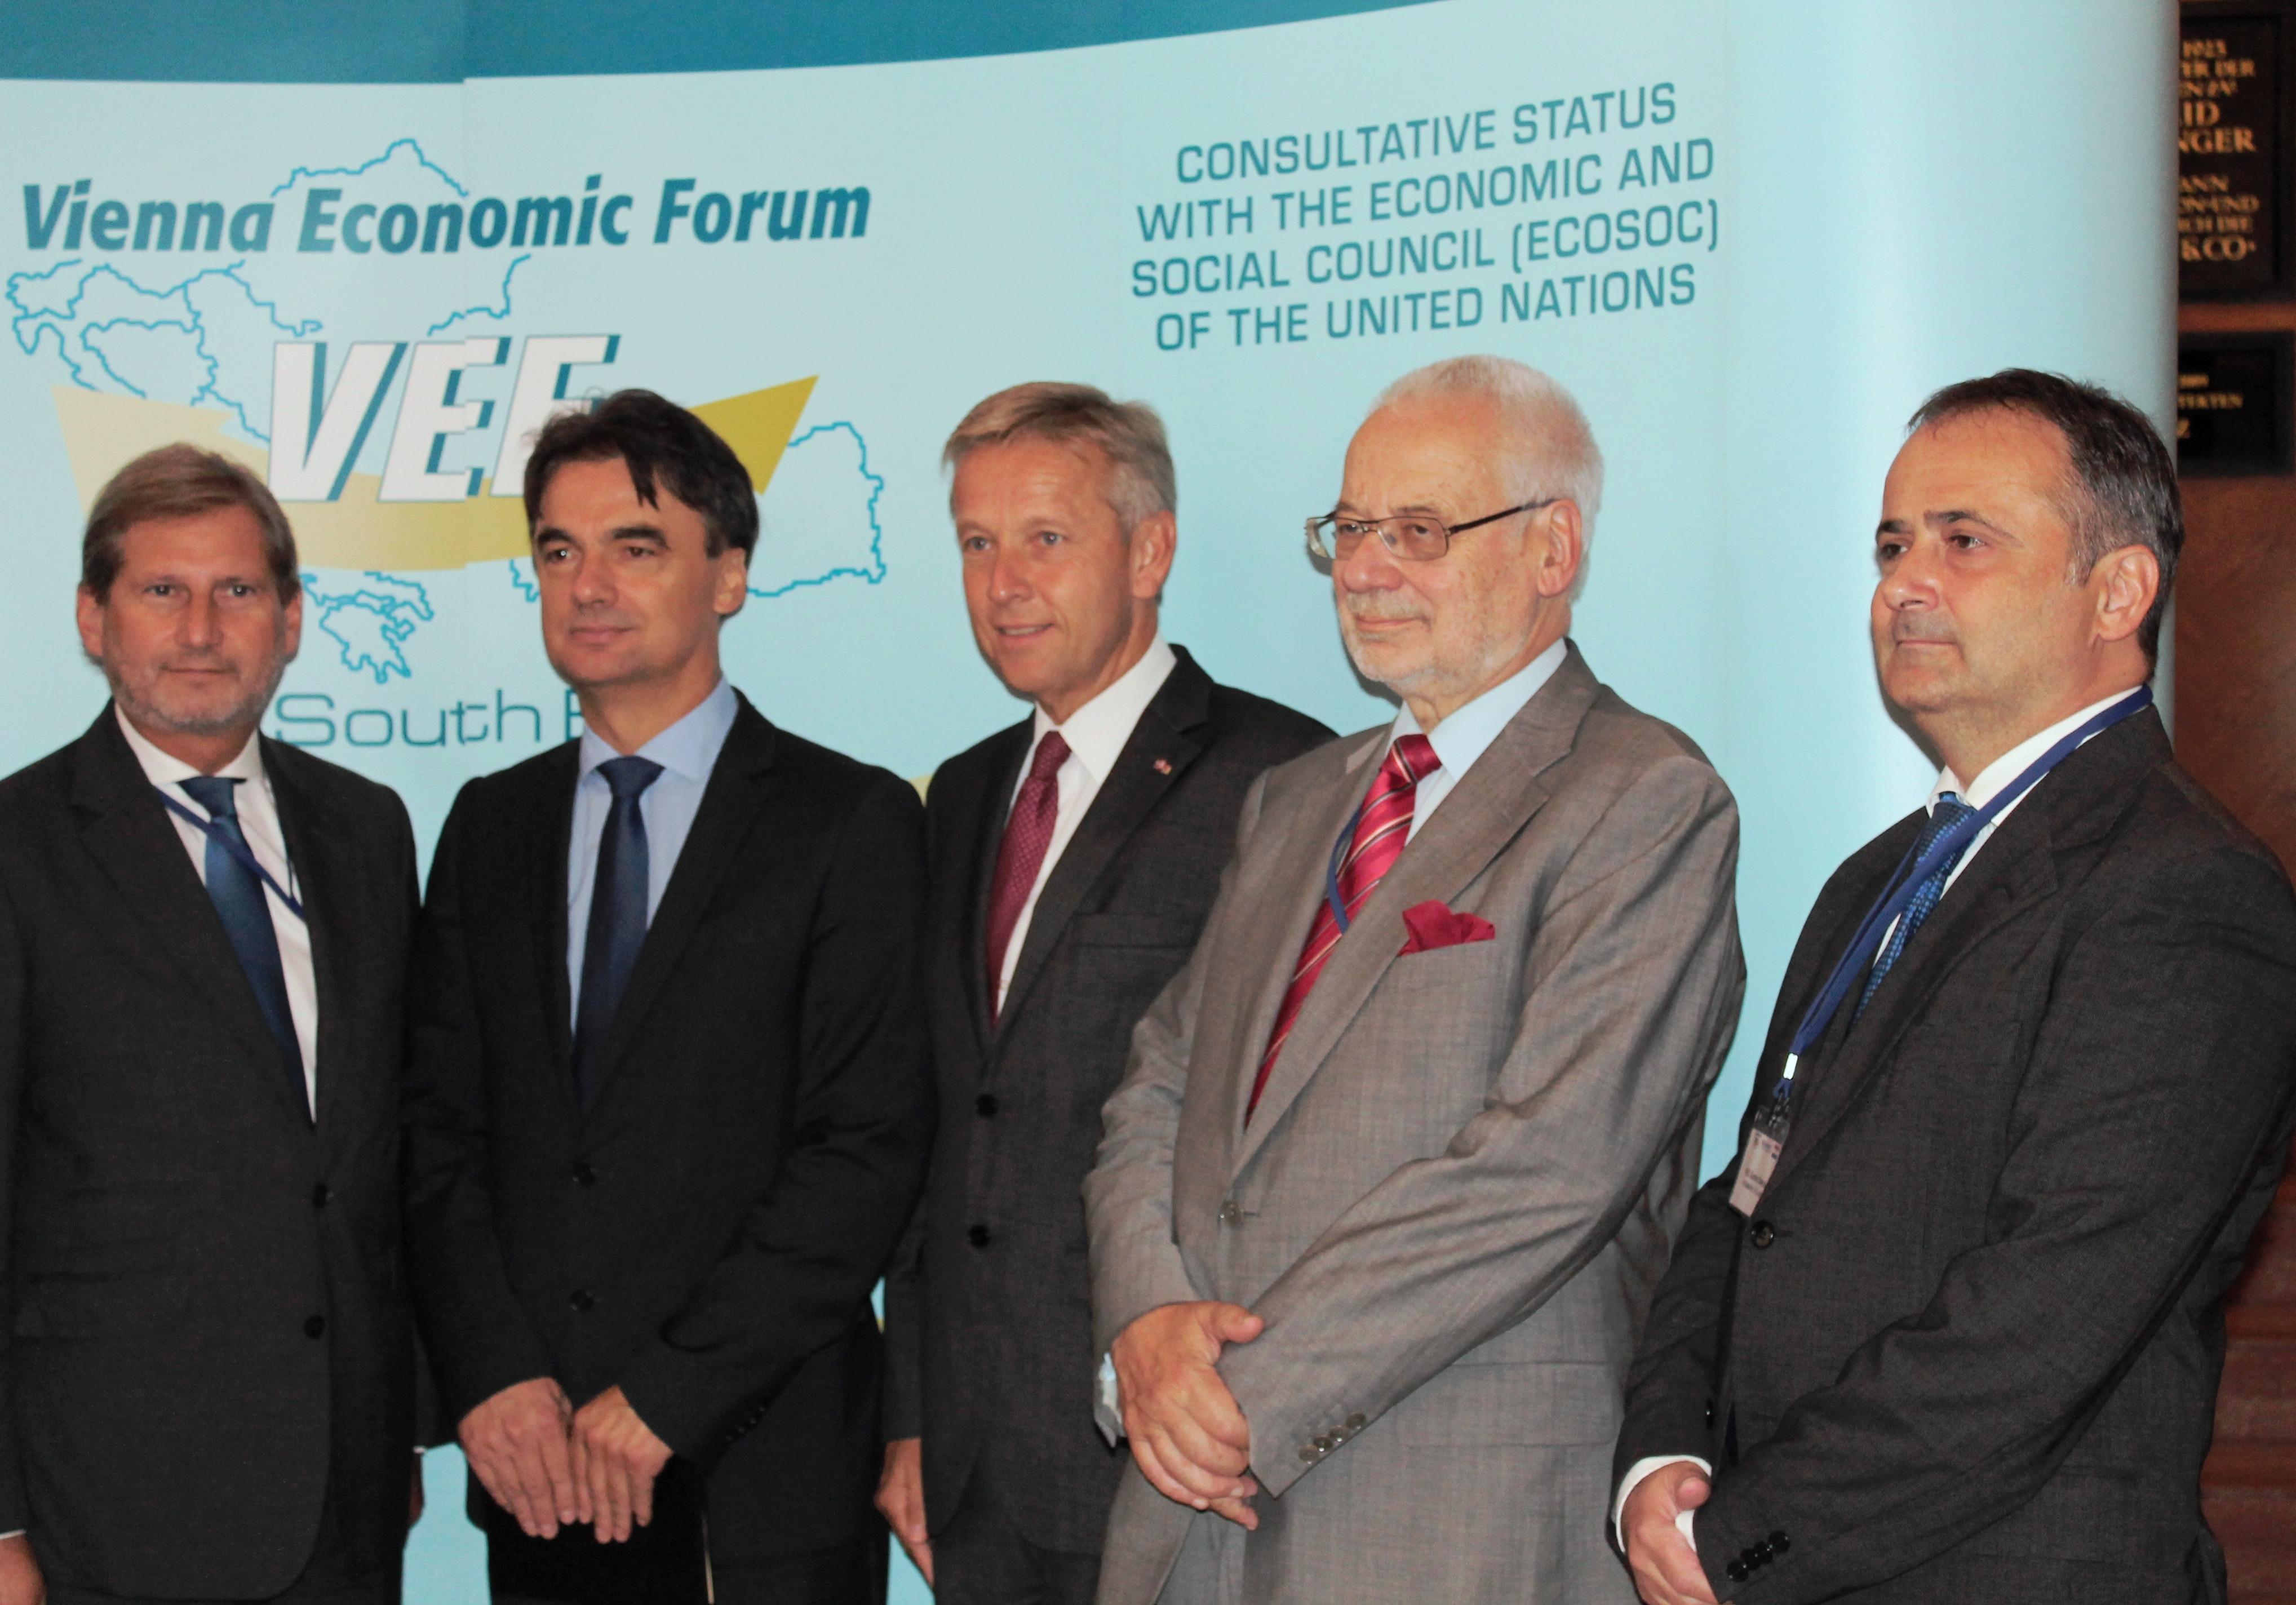 (c)BMeiA, EU-Kommissar Hahn, stv. Ministerpräsident v Kroatien, Grcic, StS Lopatka,Vorstand des Instituts für den Donauraum und Mitteleuropa, Busek, kroatischer Botschafter in Wien, Bakota